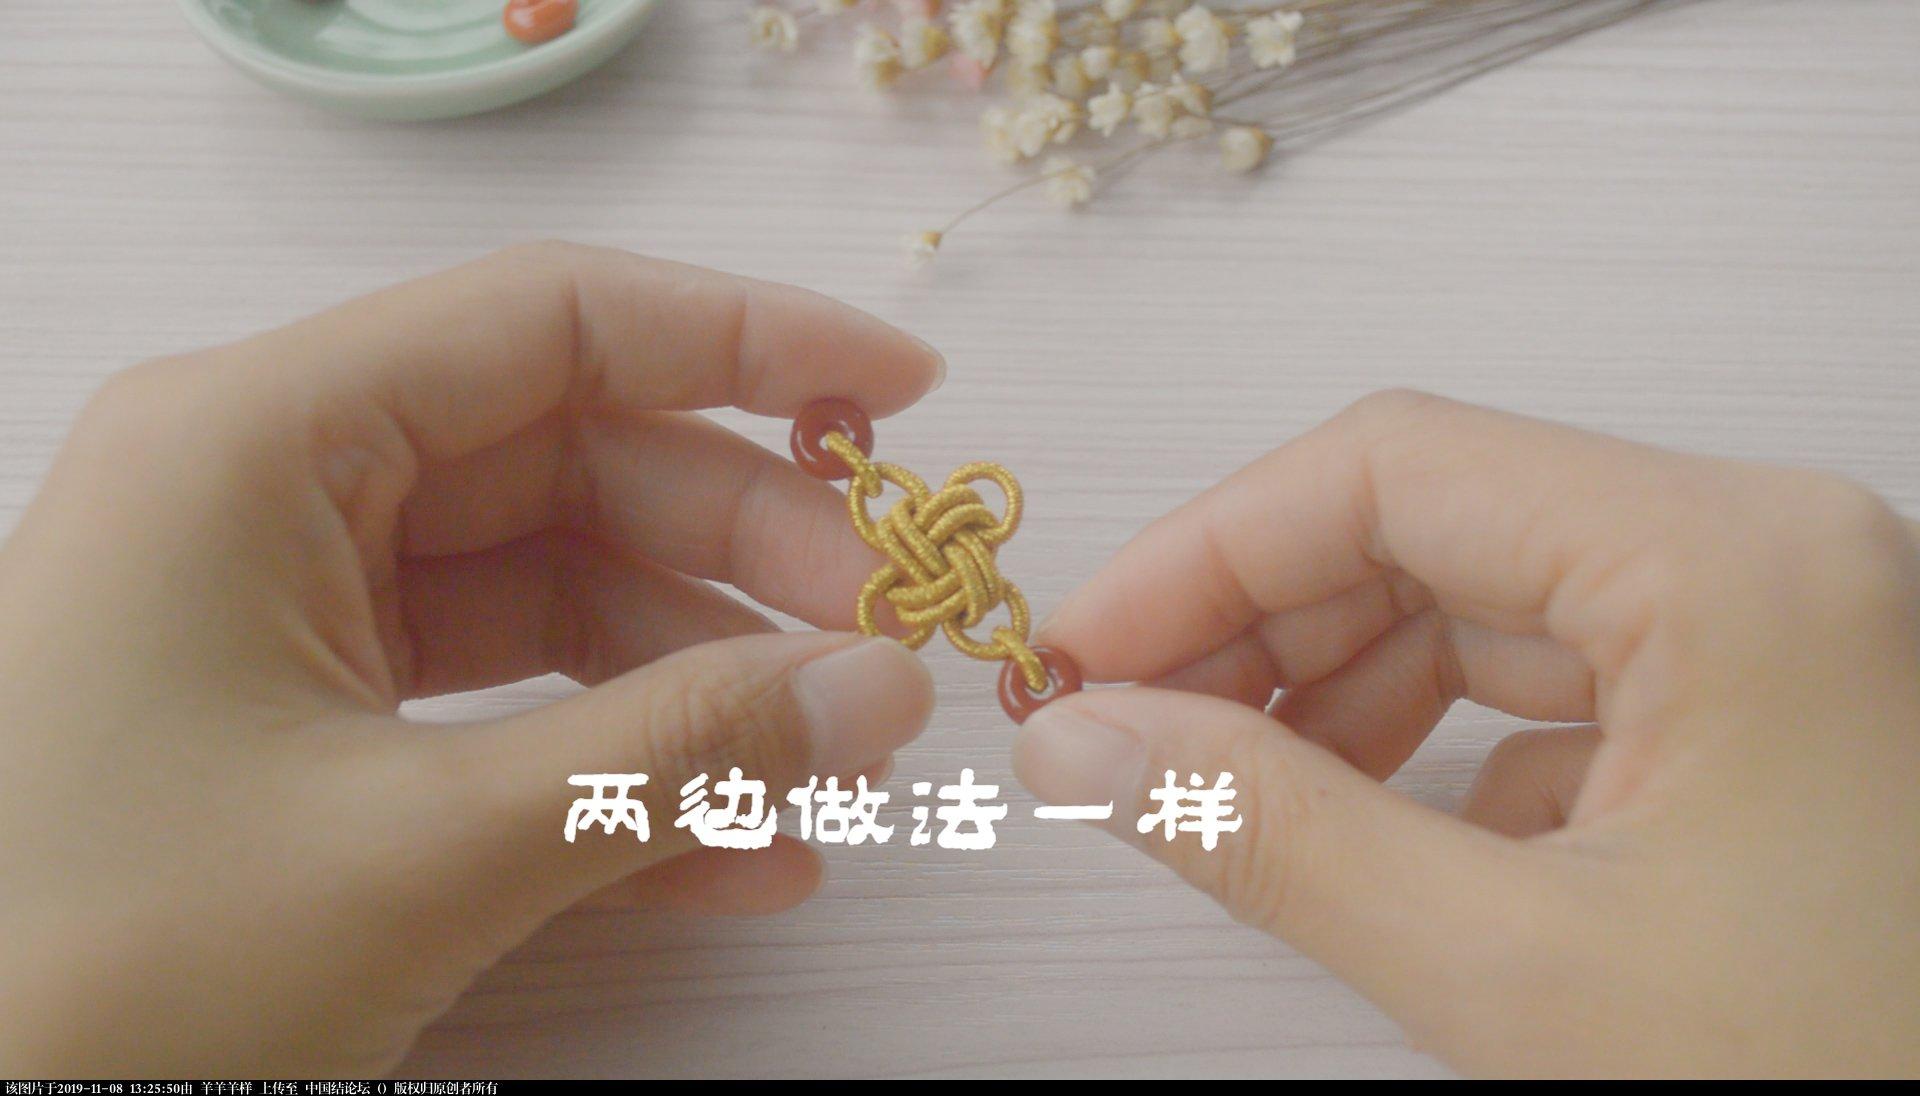 中国结论坛 冰花结只会用来做挂件?试试做一款属于自己的毛衣链,附视频教程  图文教程区 131749cxxg0rnzp66p7enn